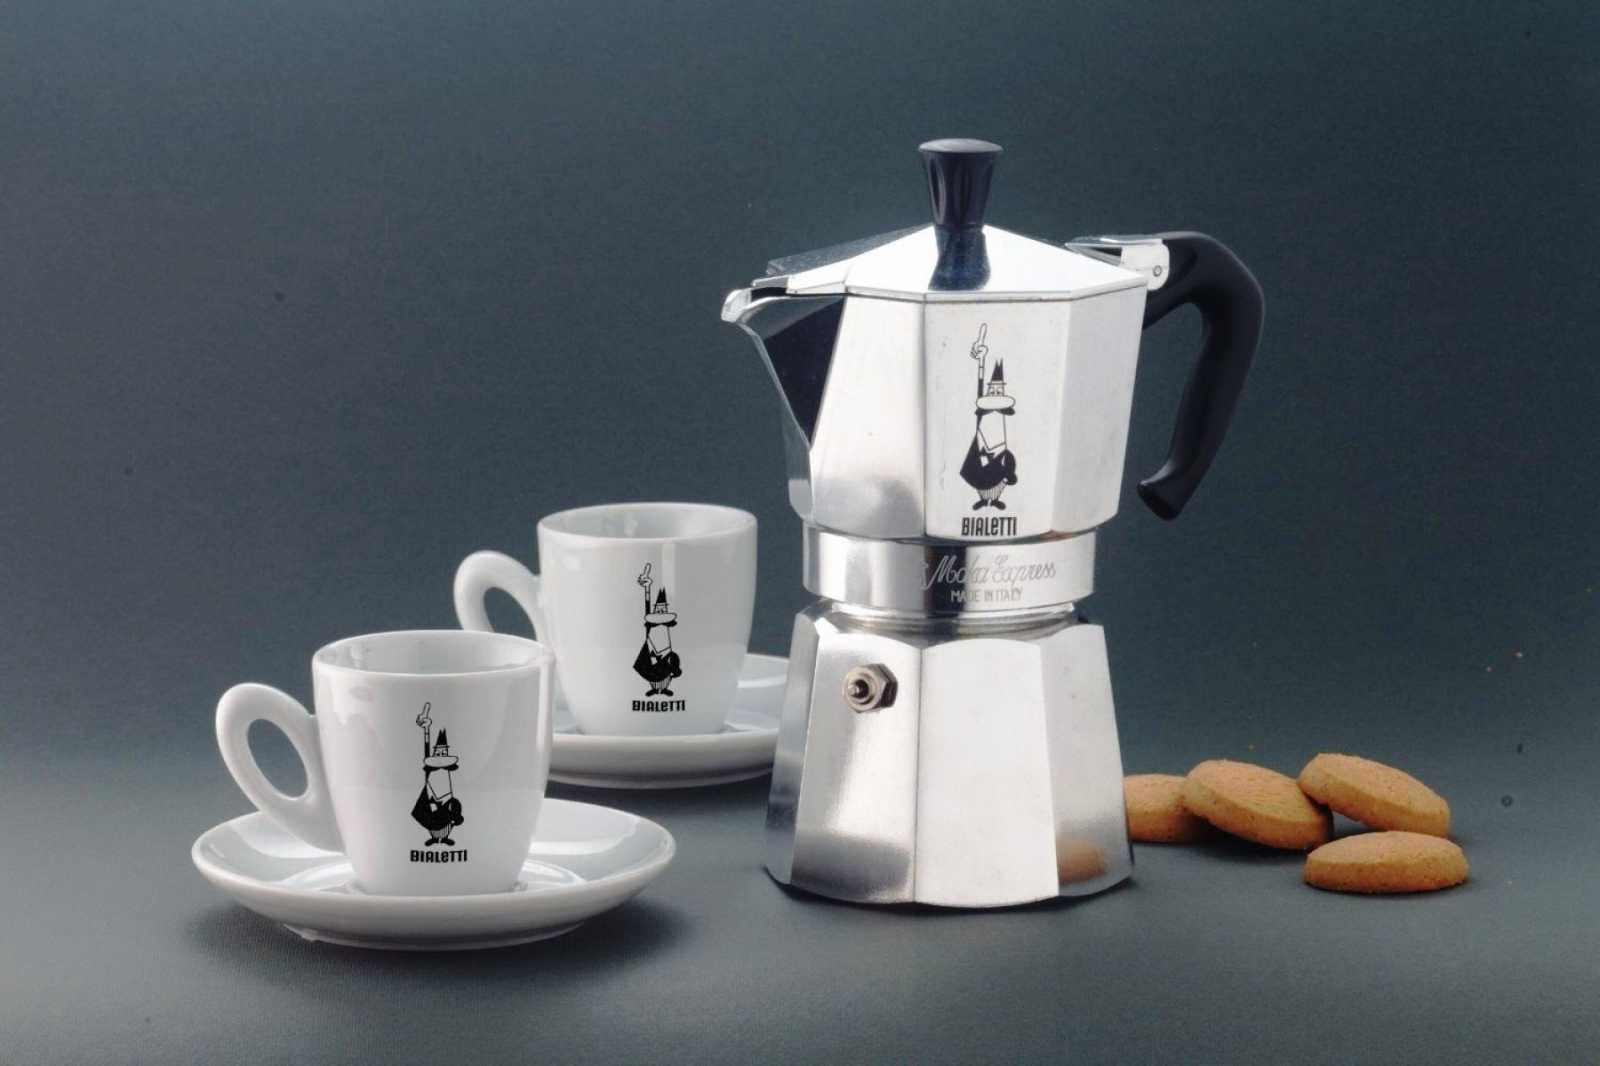 """Гейзерная кофеварка """"Moka express""""  на 4 чашки Bialetti MOKA EXPRESS, серебристый Bialetti 0001164 фото 2"""